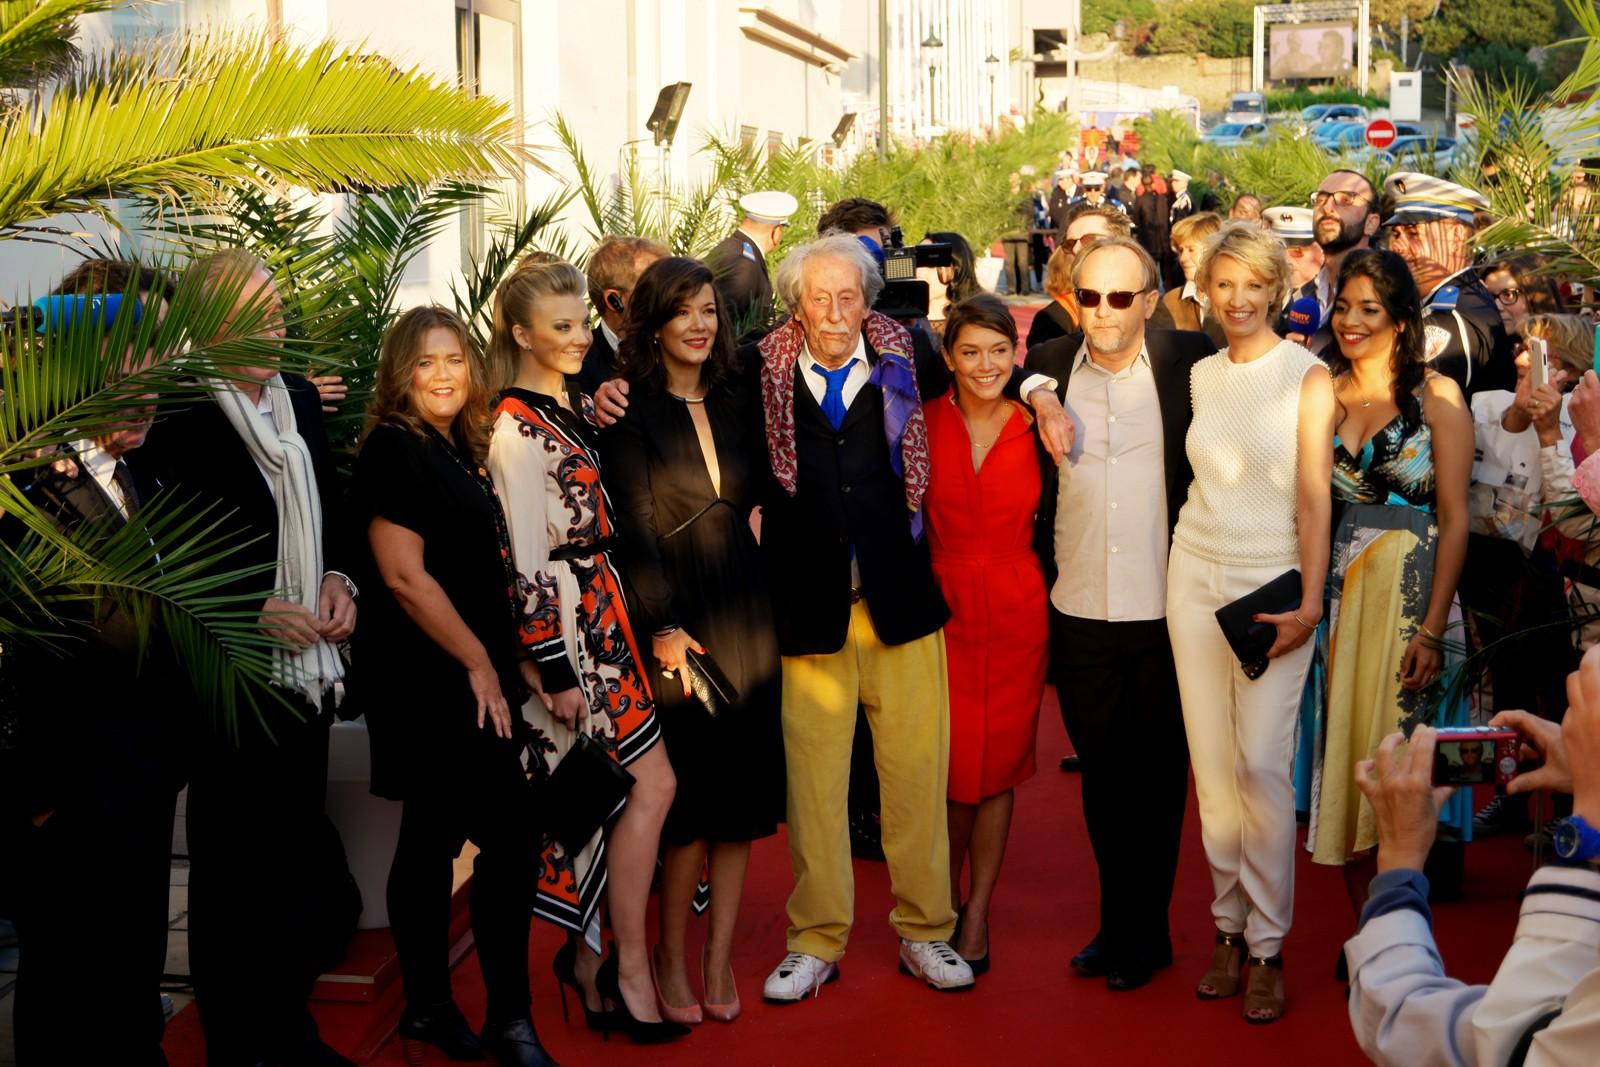 Jury du Festival du film Britannique de Dinard Jean Rochefort Alexandra Lamy Mélanie Doutey Nathalie Dormer soirée ouverture tapis rouge photo usofparis